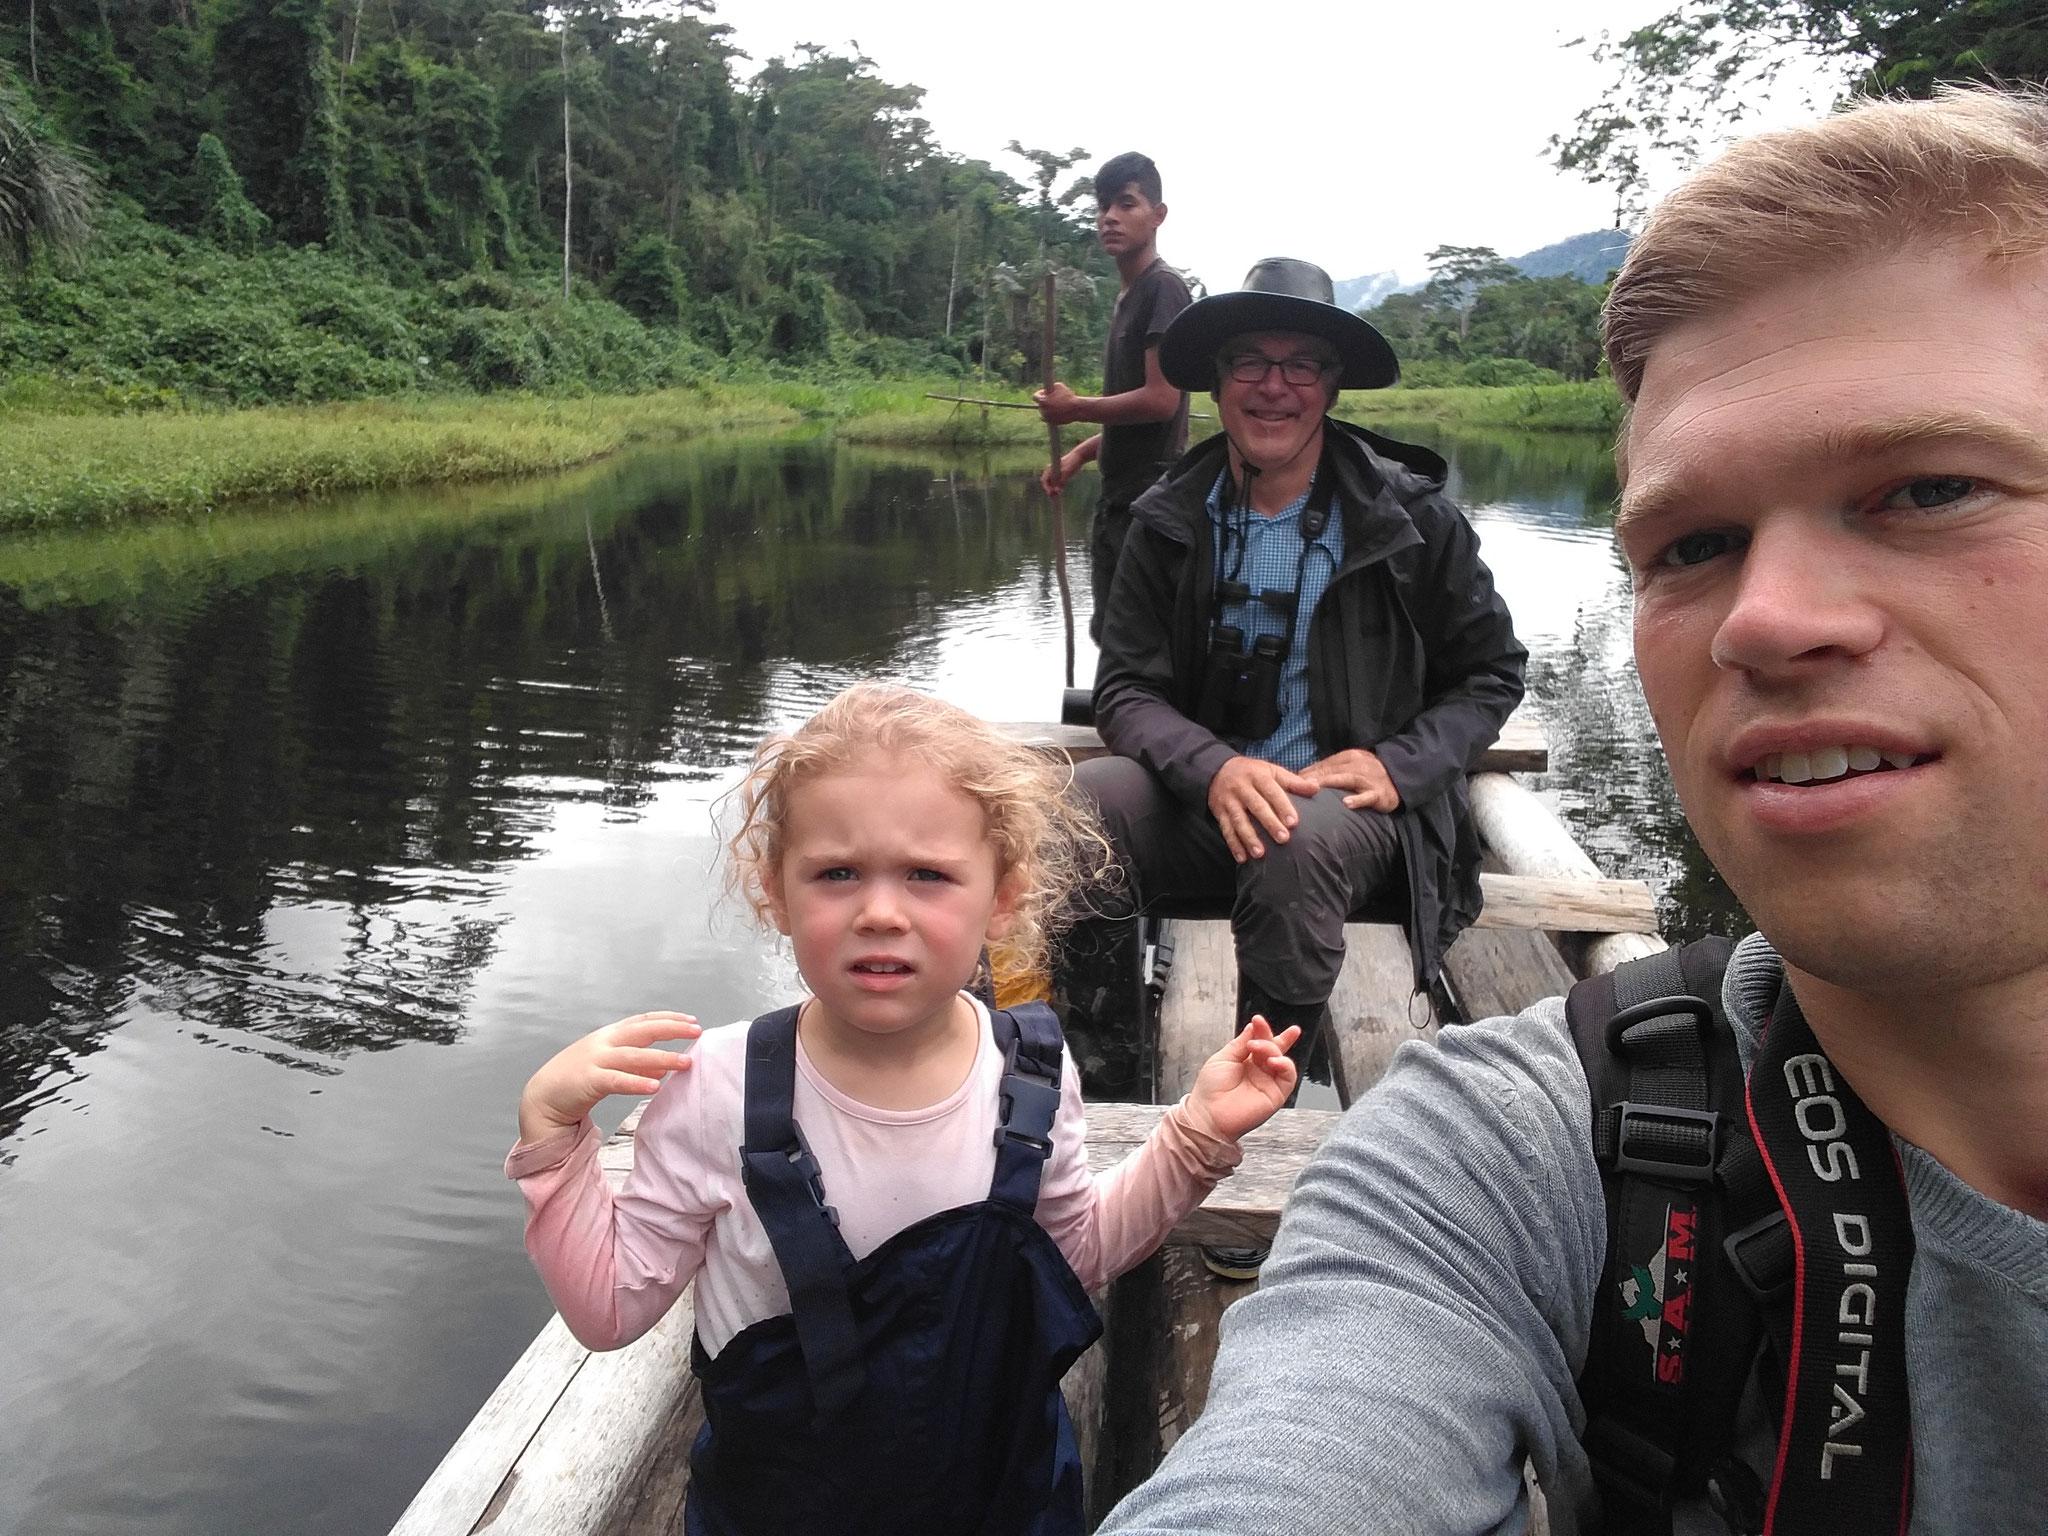 Mit dem Floß durch den Dschungel.